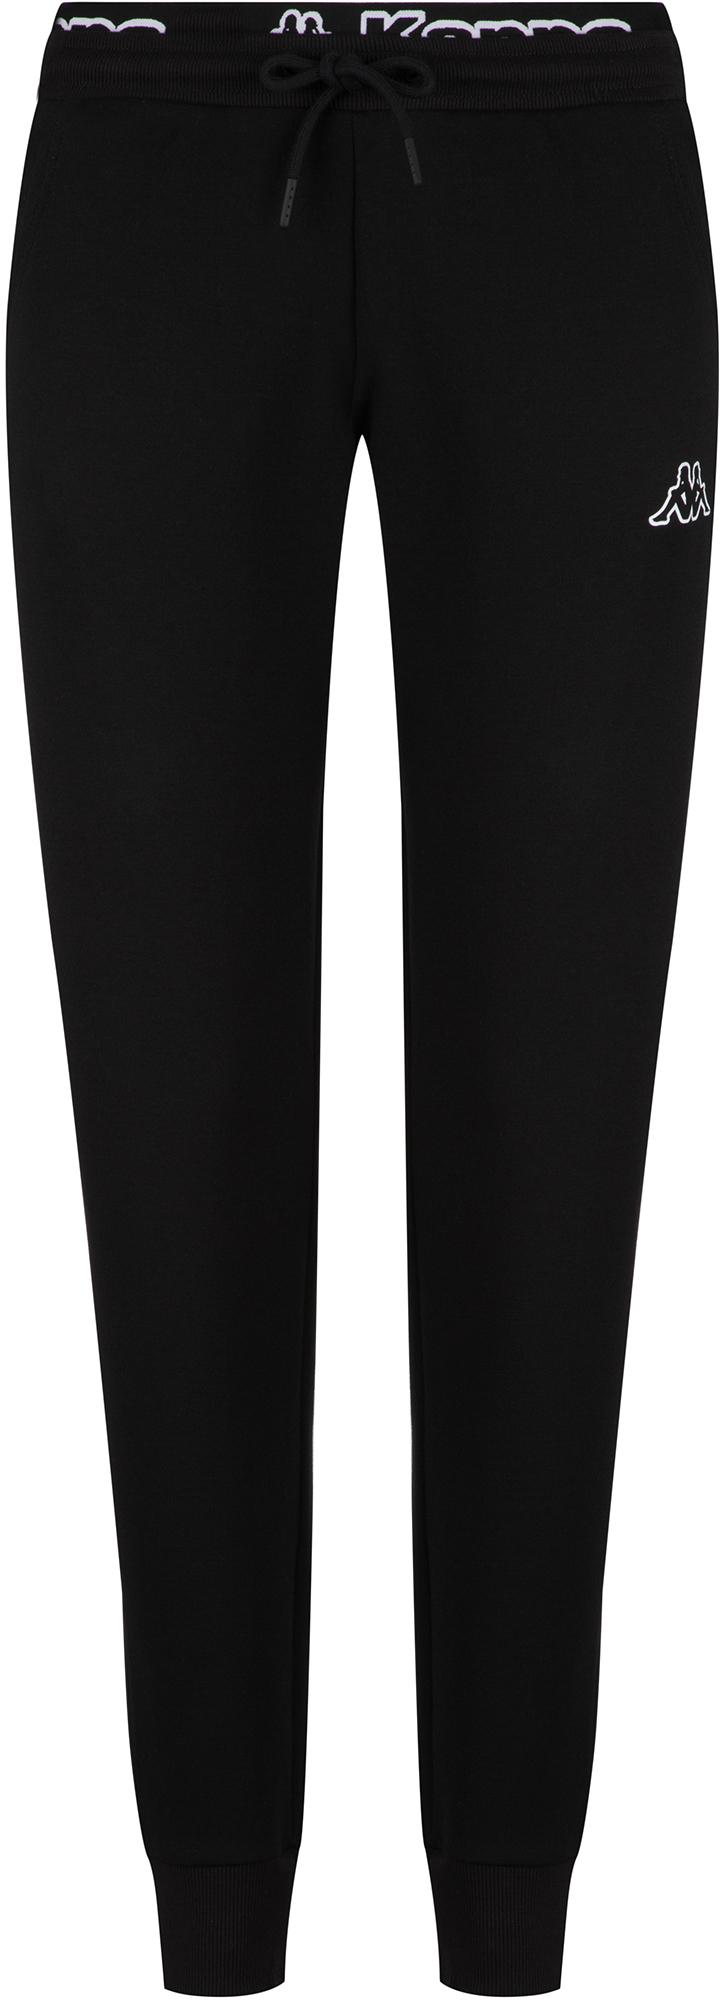 цена Kappa Брюки женские Kappa, размер 52 онлайн в 2017 году